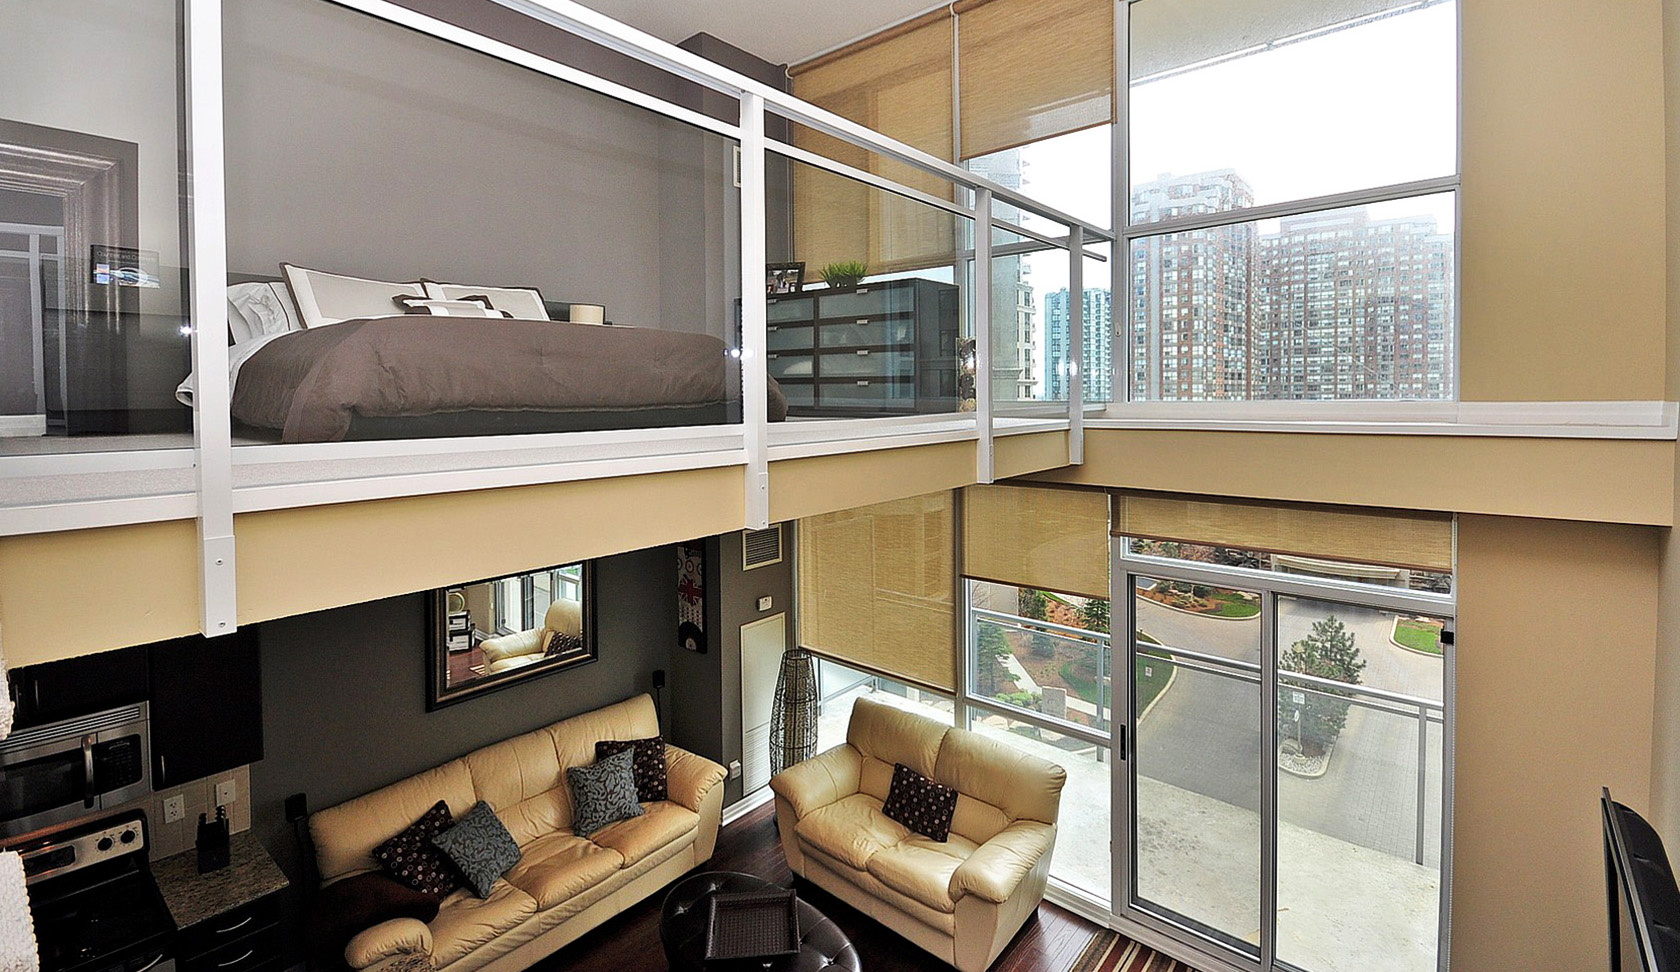 mississauga lofts Mississauga Lofts 225 webb dr luxury loft